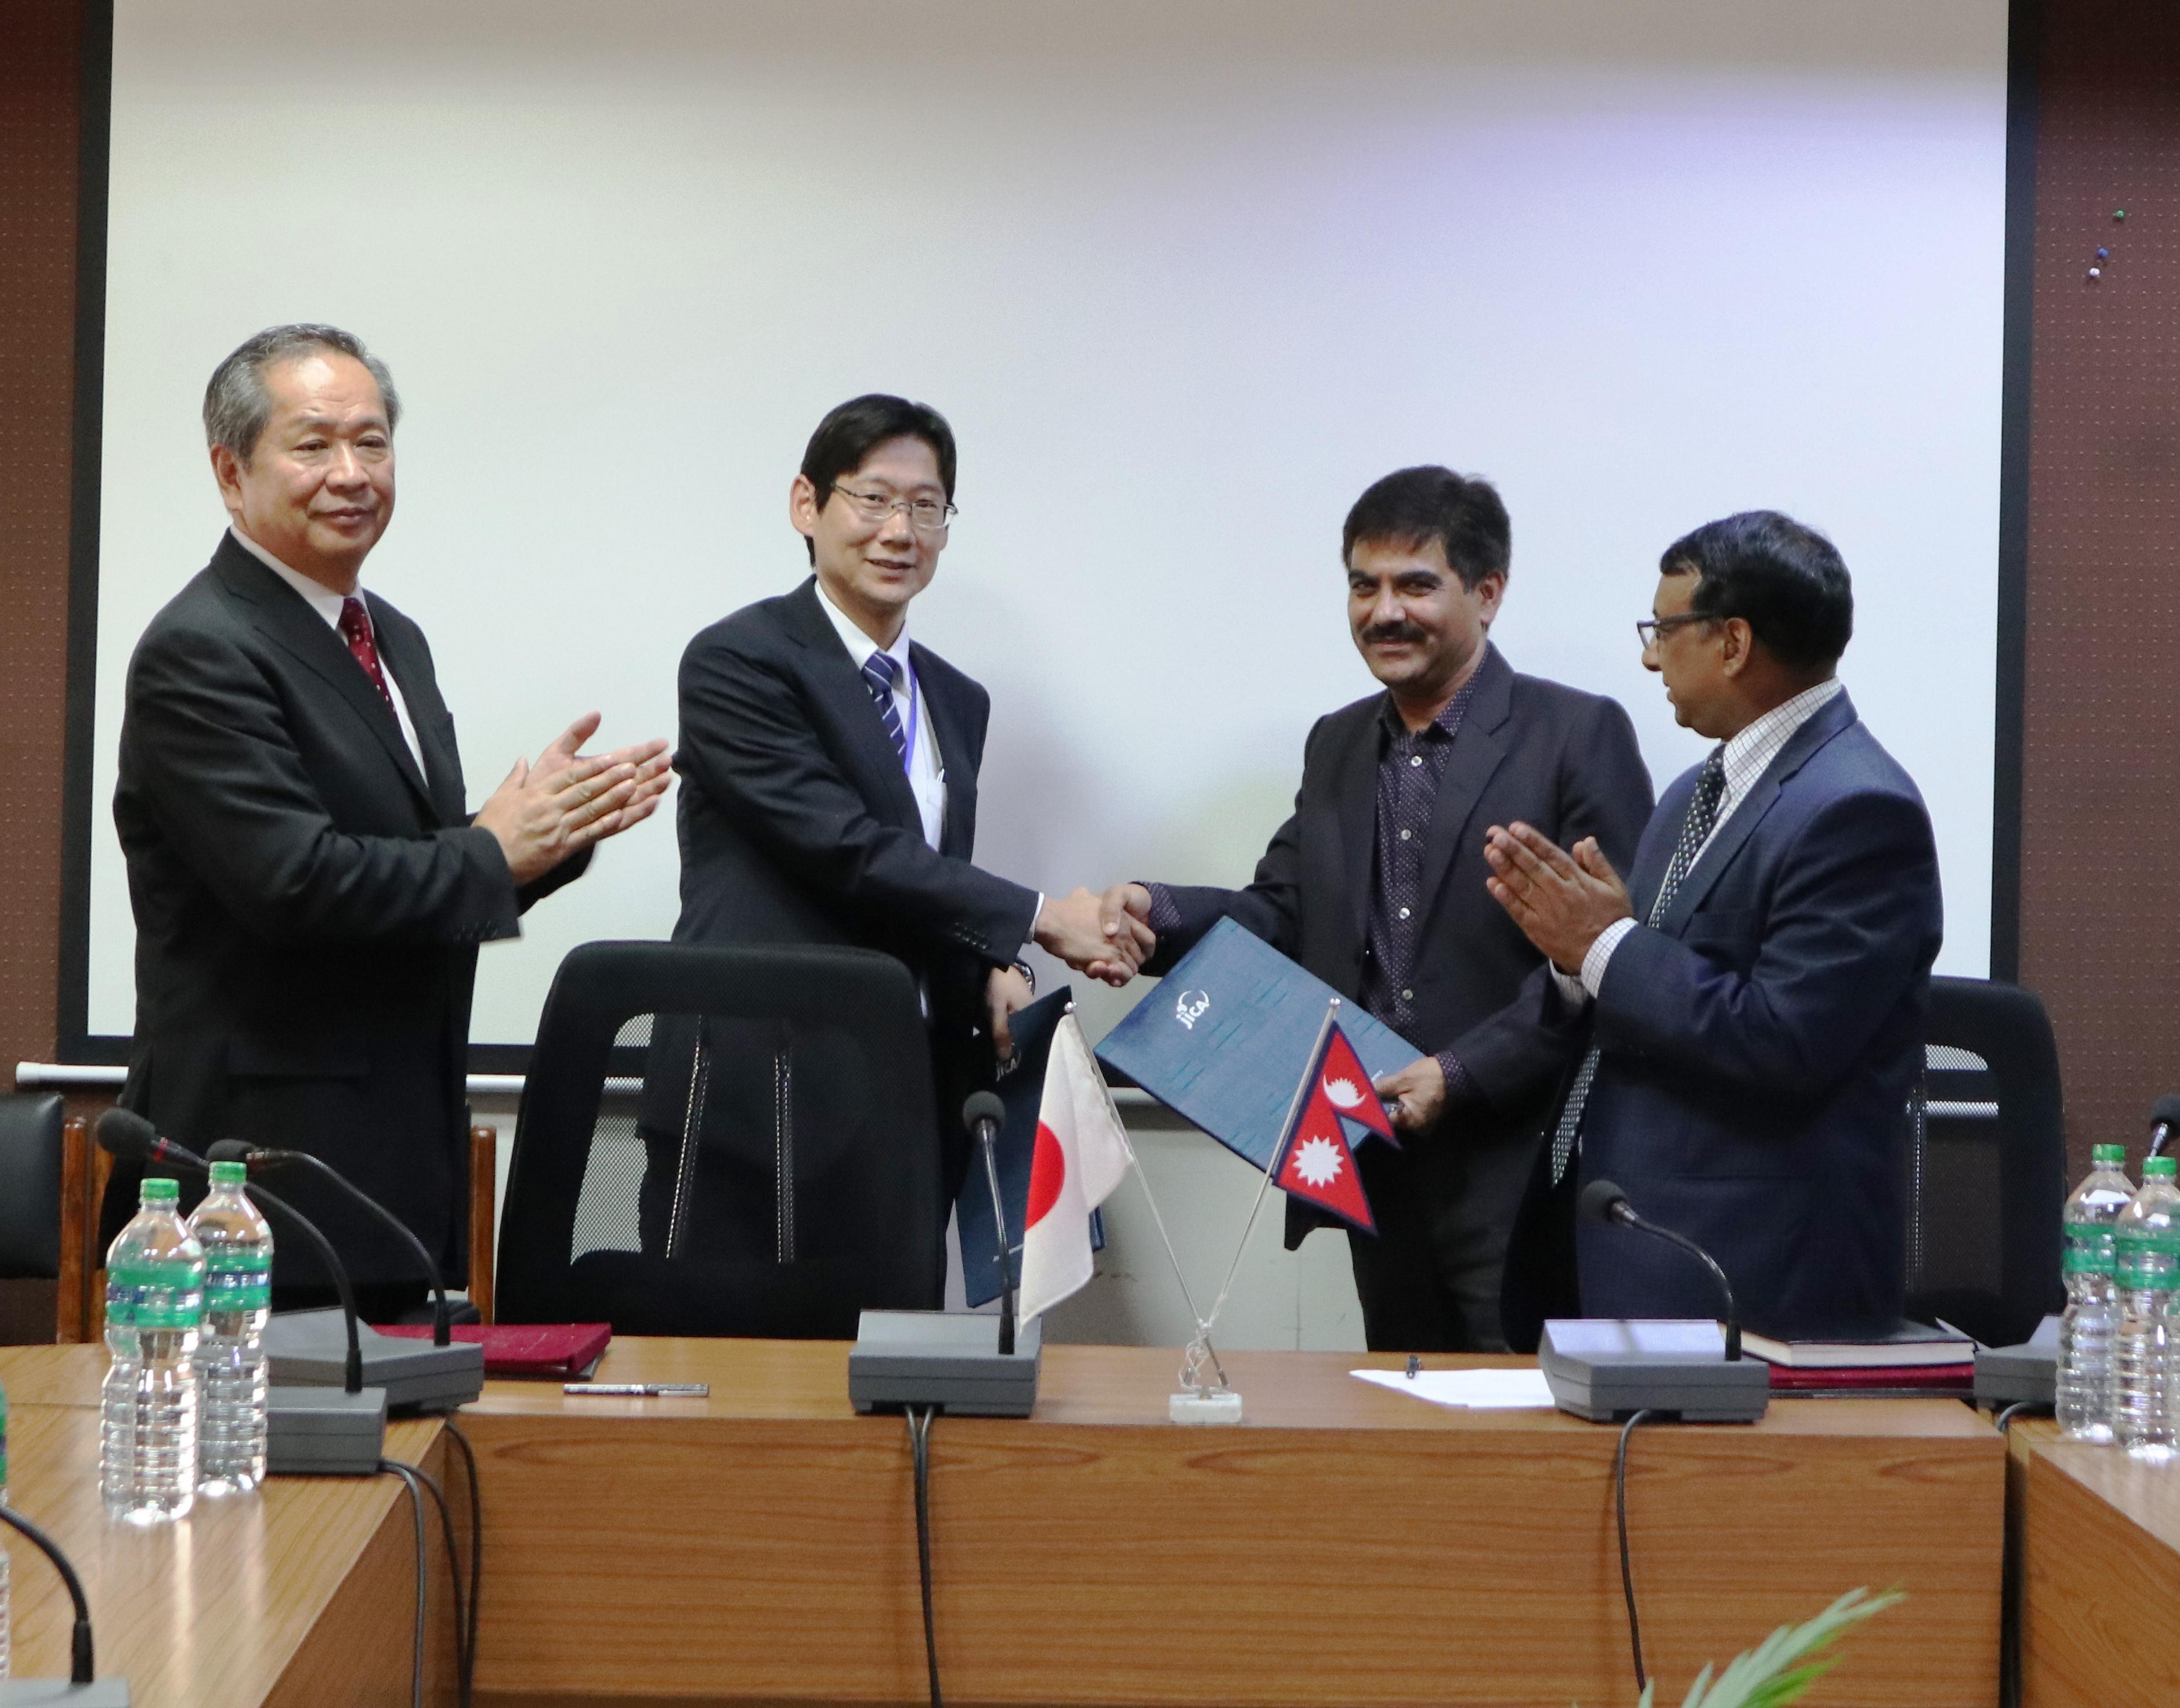 http://nepalitimes.com/assets/uploads/gallery/21d7d-Grant-Agreement-exchanged-between-Mr.-Baikuntha-Aryal-MOF-and-Mr.-Jun-Sakuma-JICA.JPG